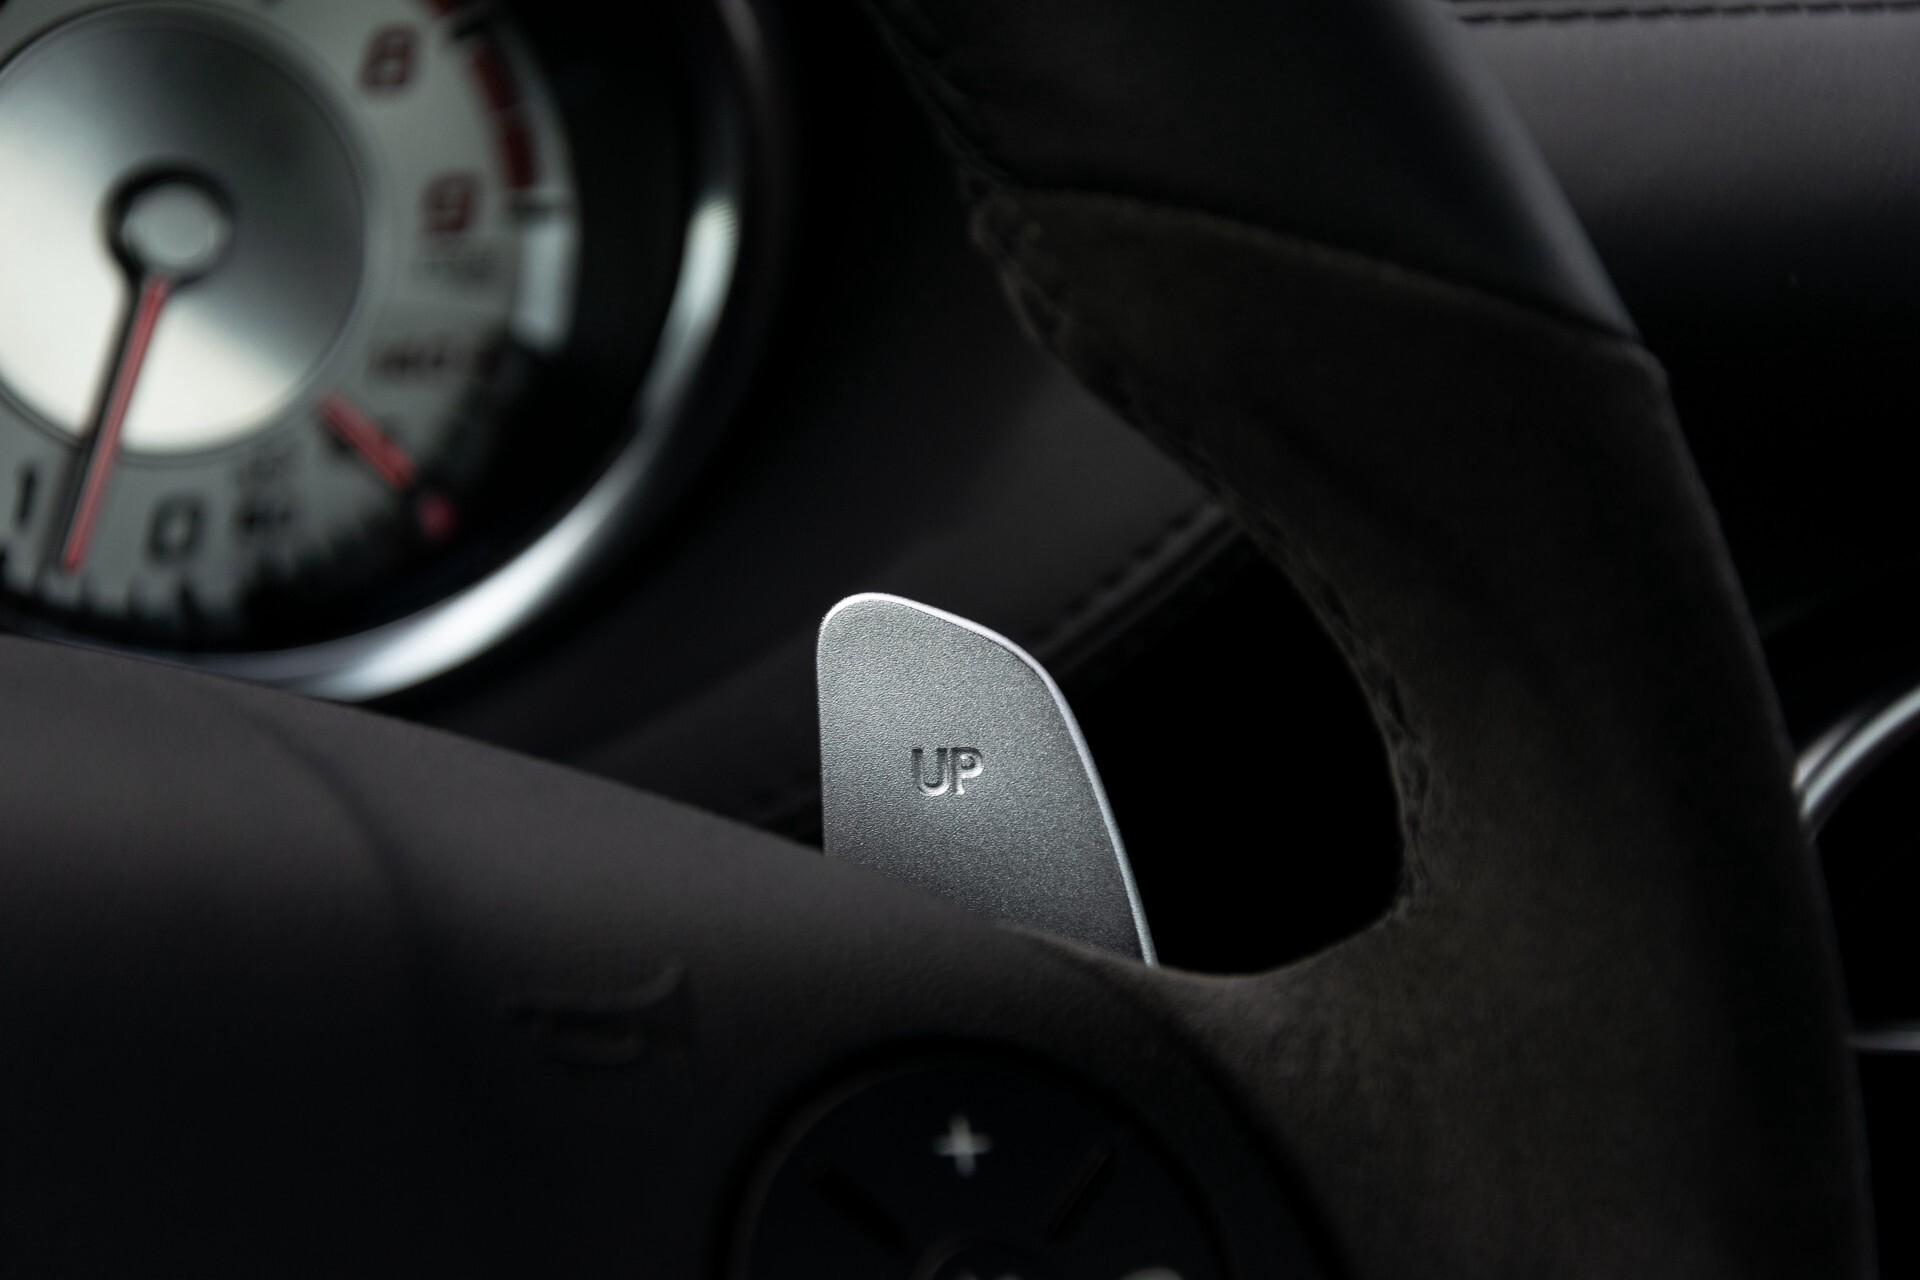 Mercedes-Benz SLS Coupé 6.3 AMG 1ste eigenaar/NL Auto FULL OPTIONS Aut7 Foto 13